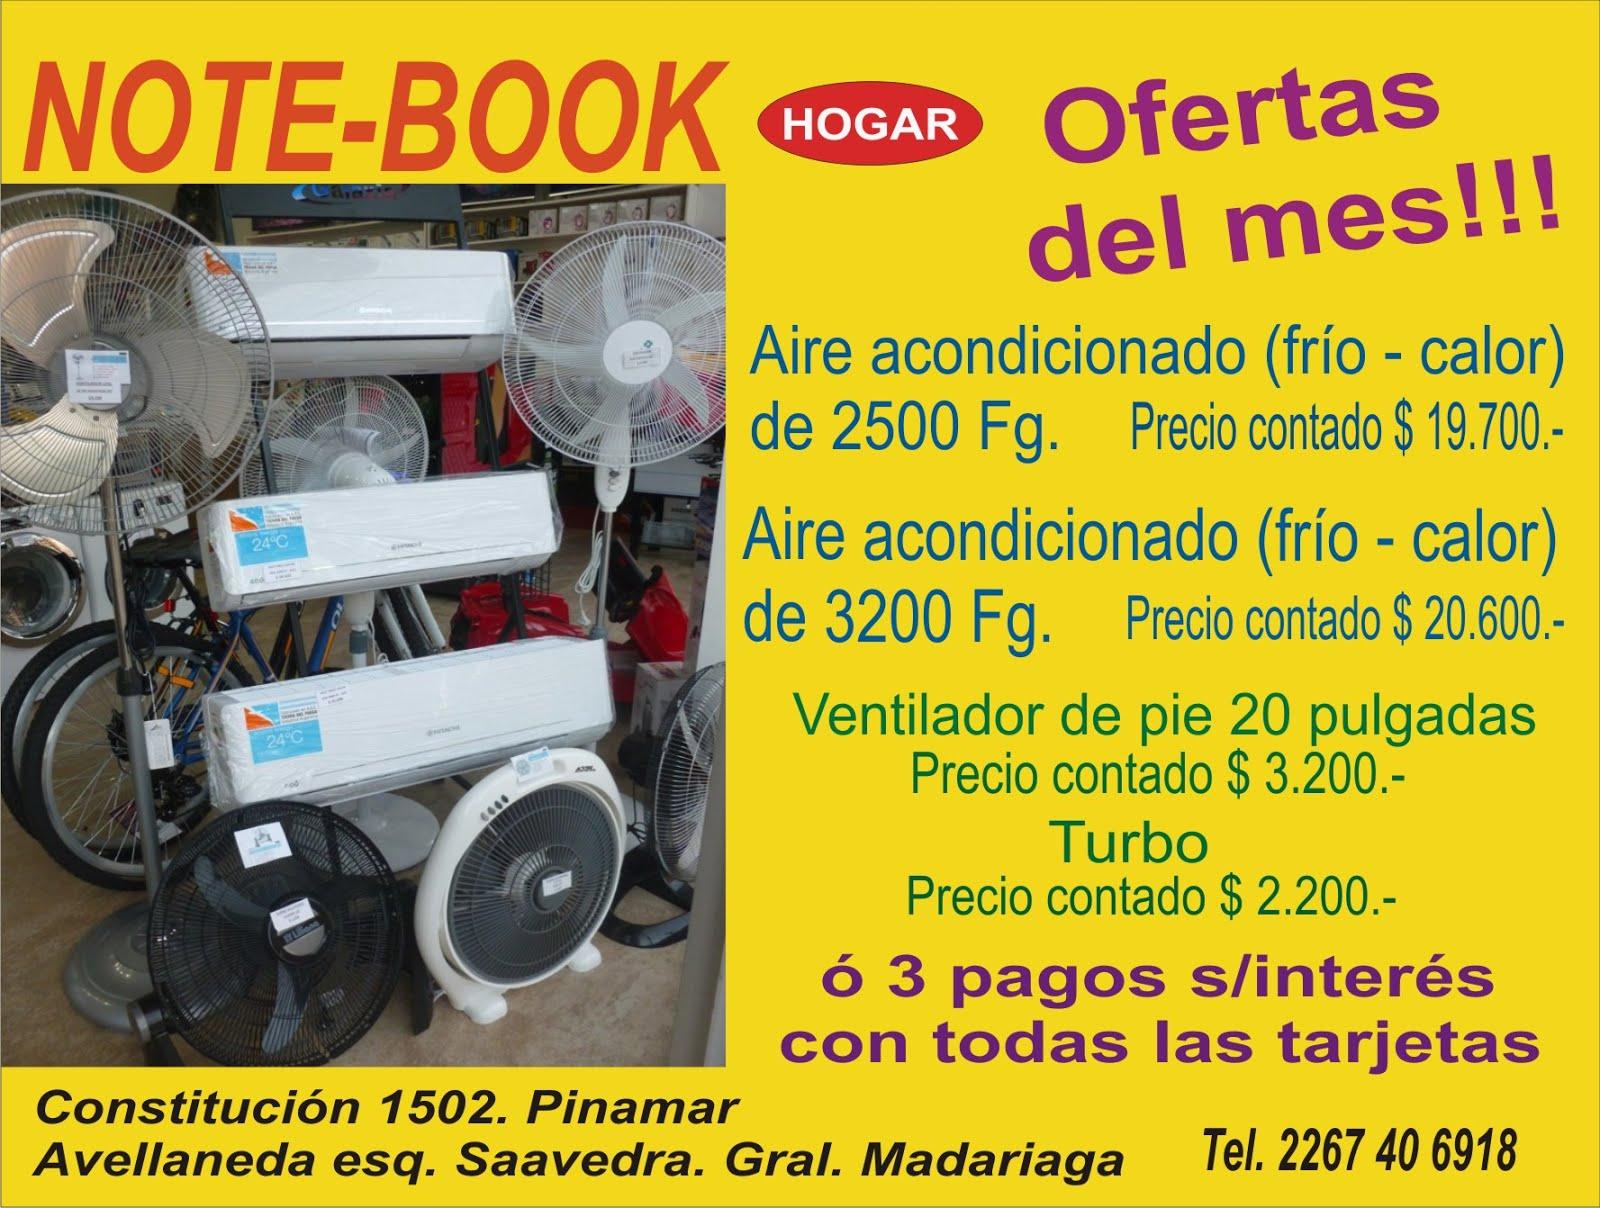 Note-Book Hogar